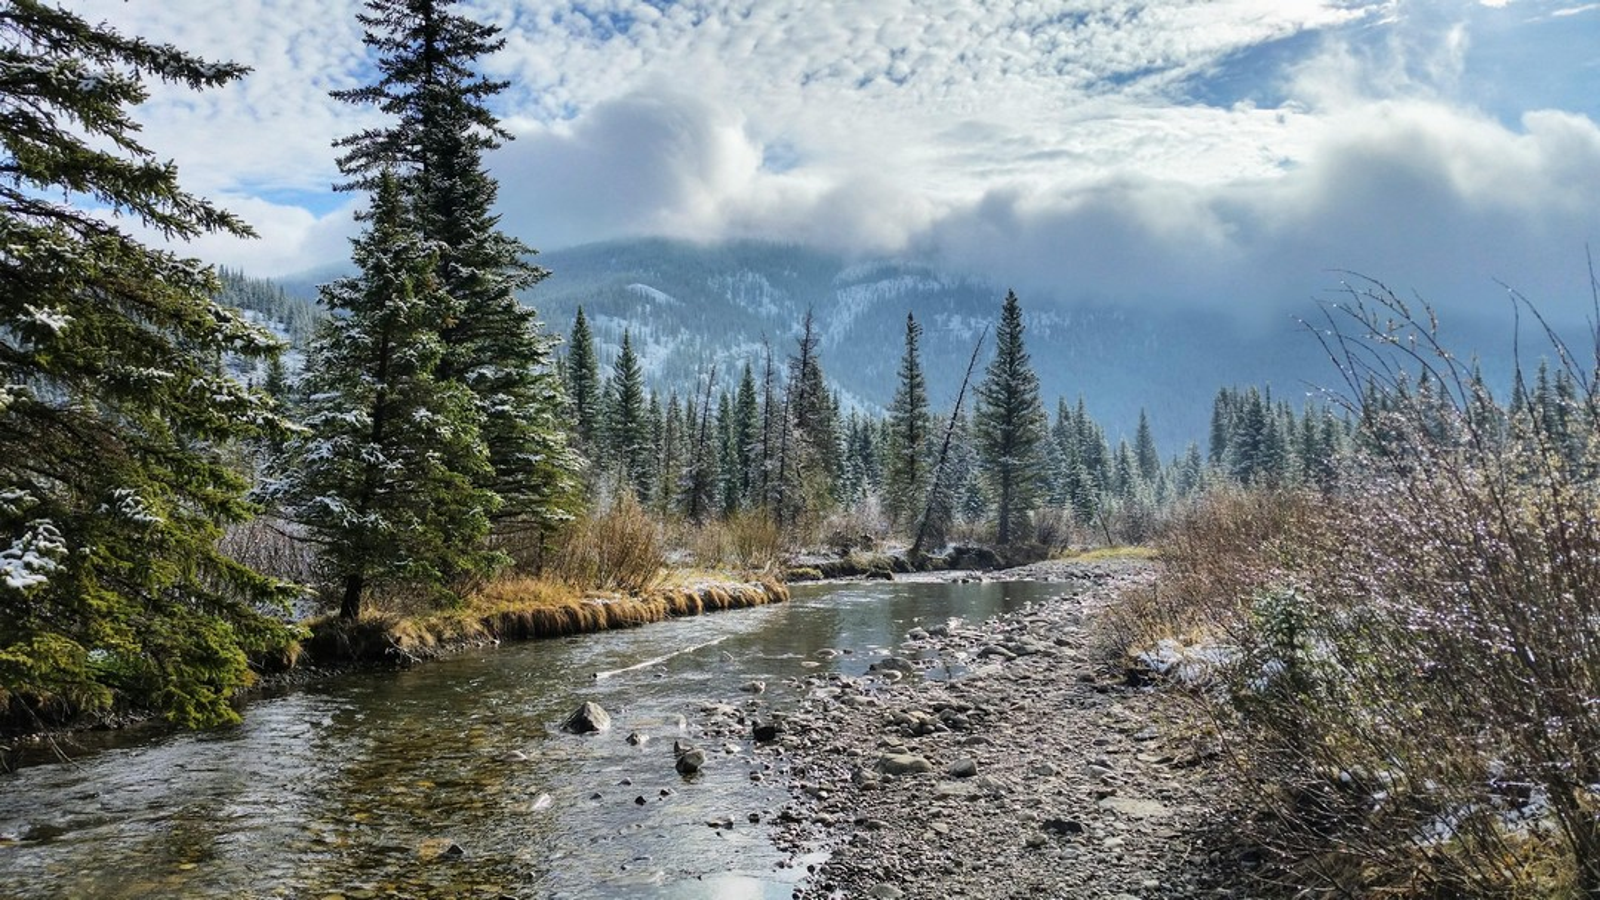 Самое интересное : Красота природы на фотографиях успокаивает и вдохновляет